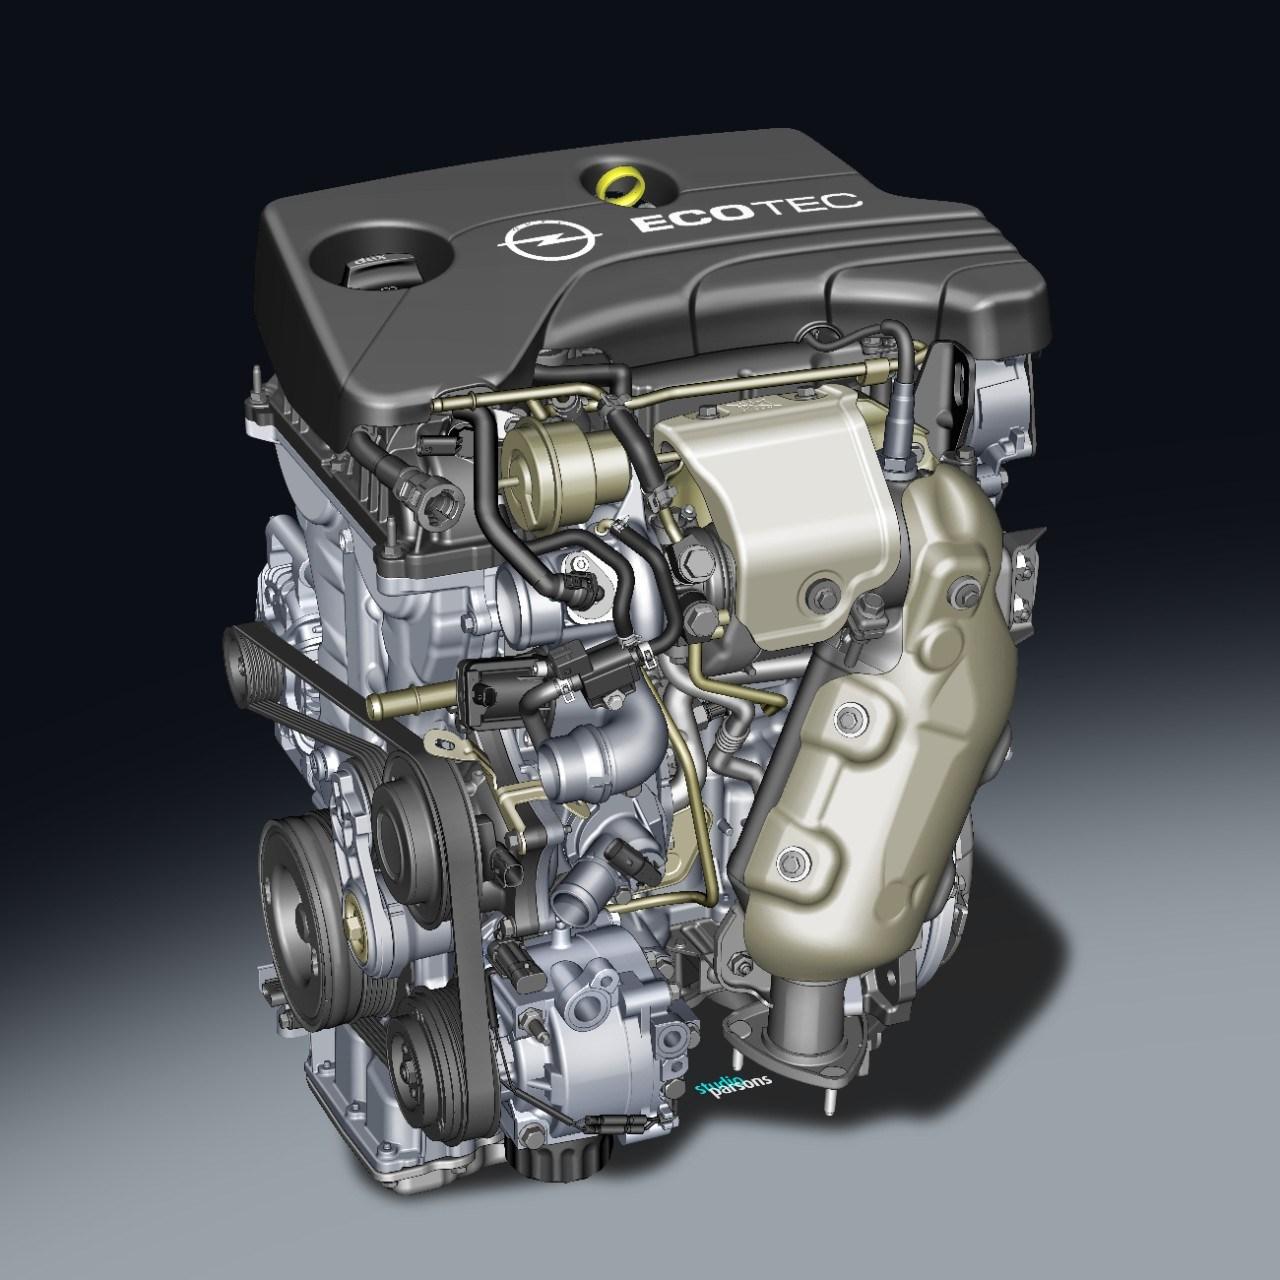 Η επόμενη γενιά 4-κύλινδρων Βενζινοκινητήρων του Groupe PSA